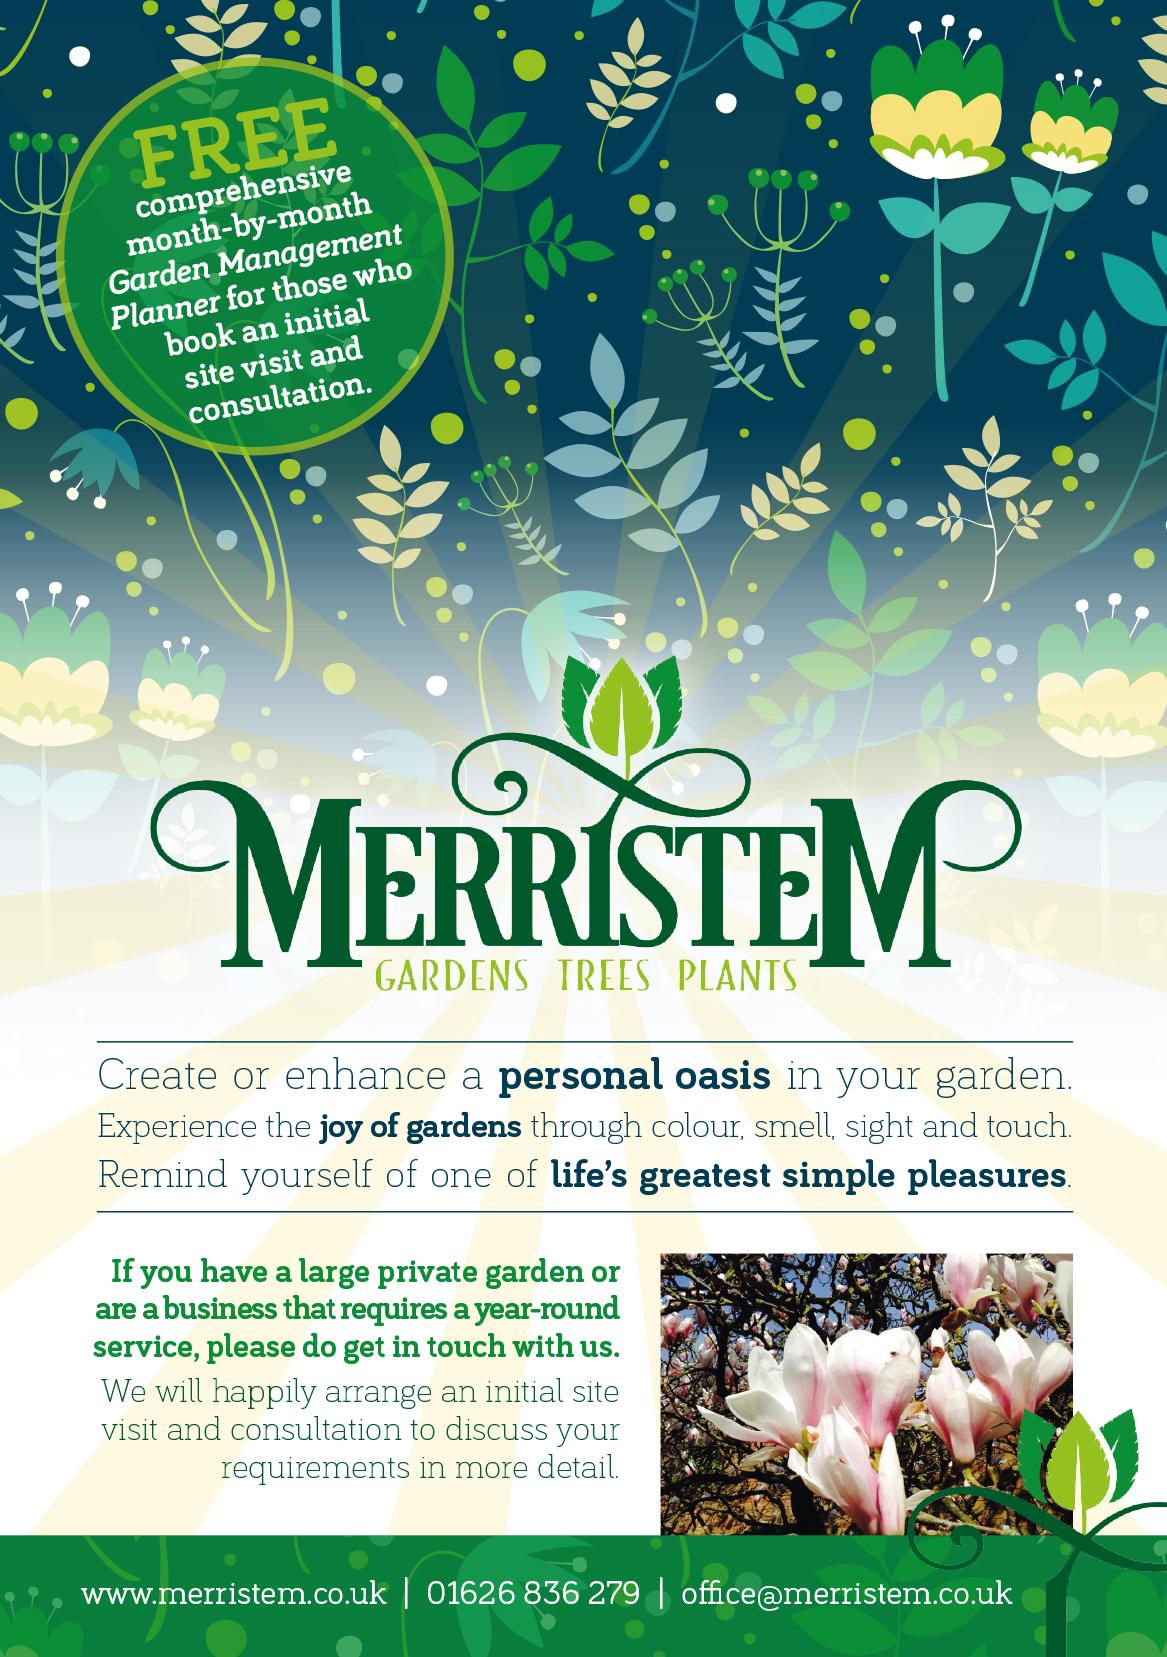 Merristem Gardens